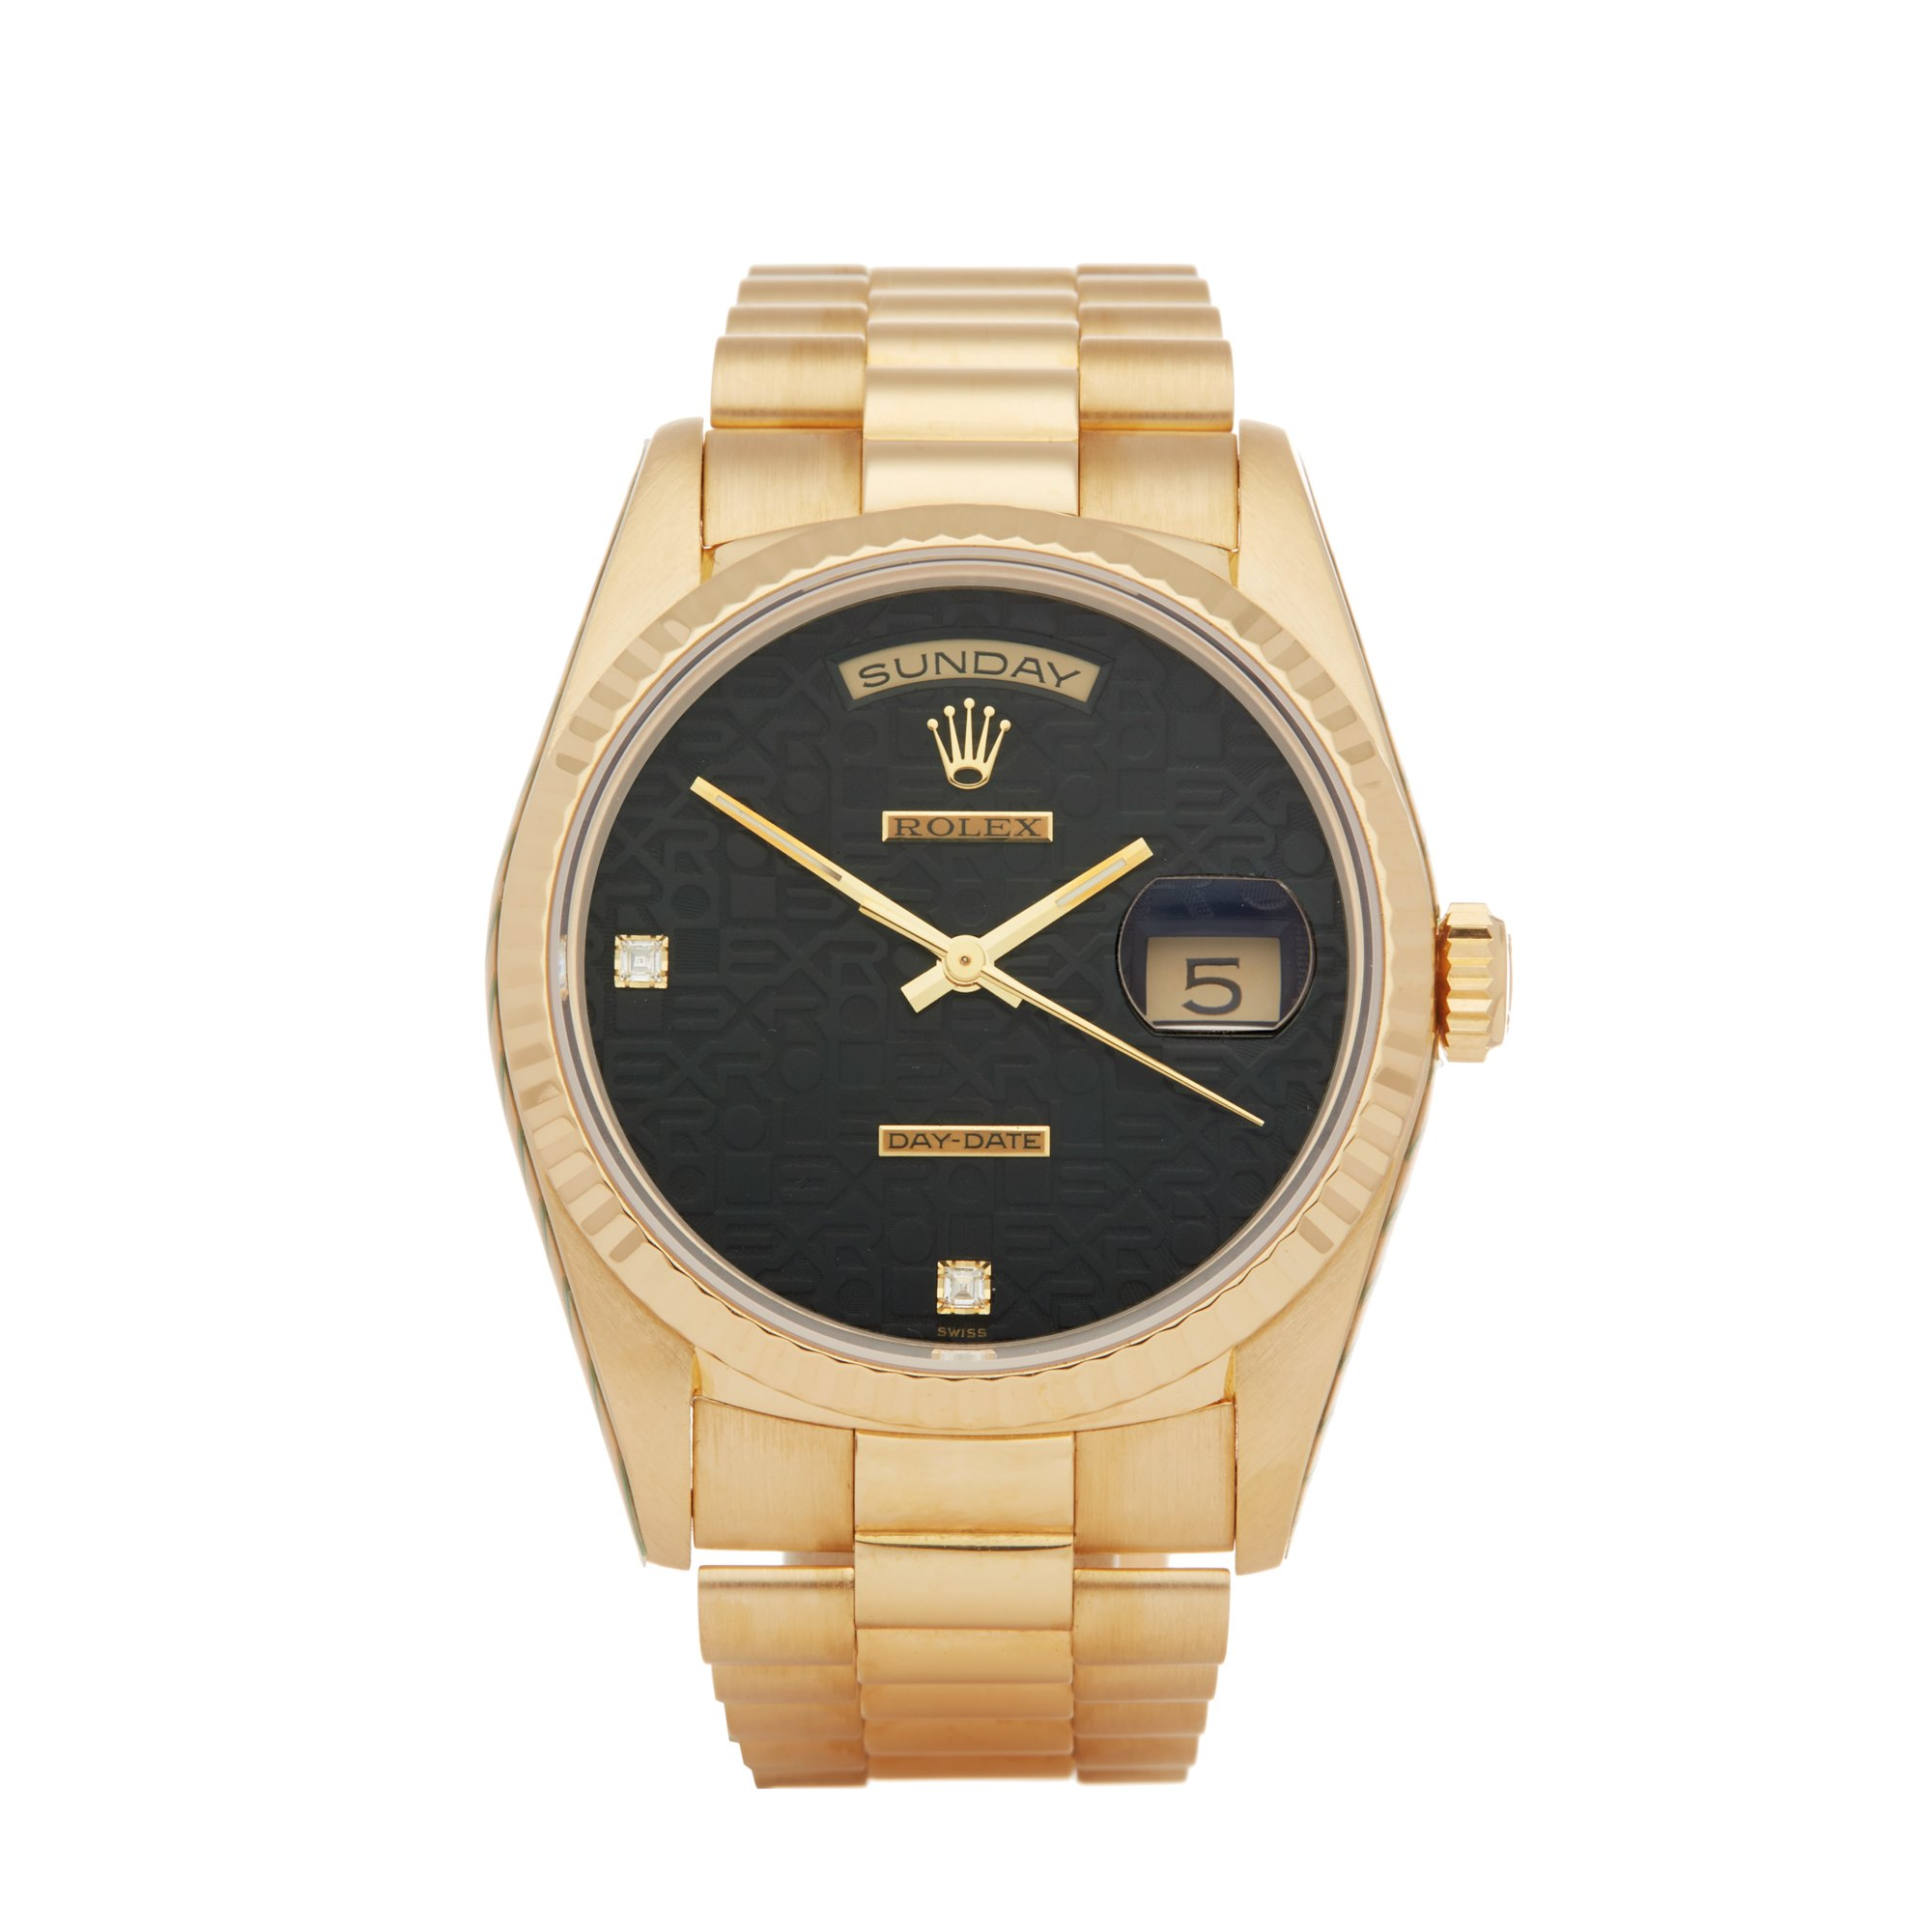 Rolex Day-Date 36 Diamond Jubilee 18K Geel Goud 18238